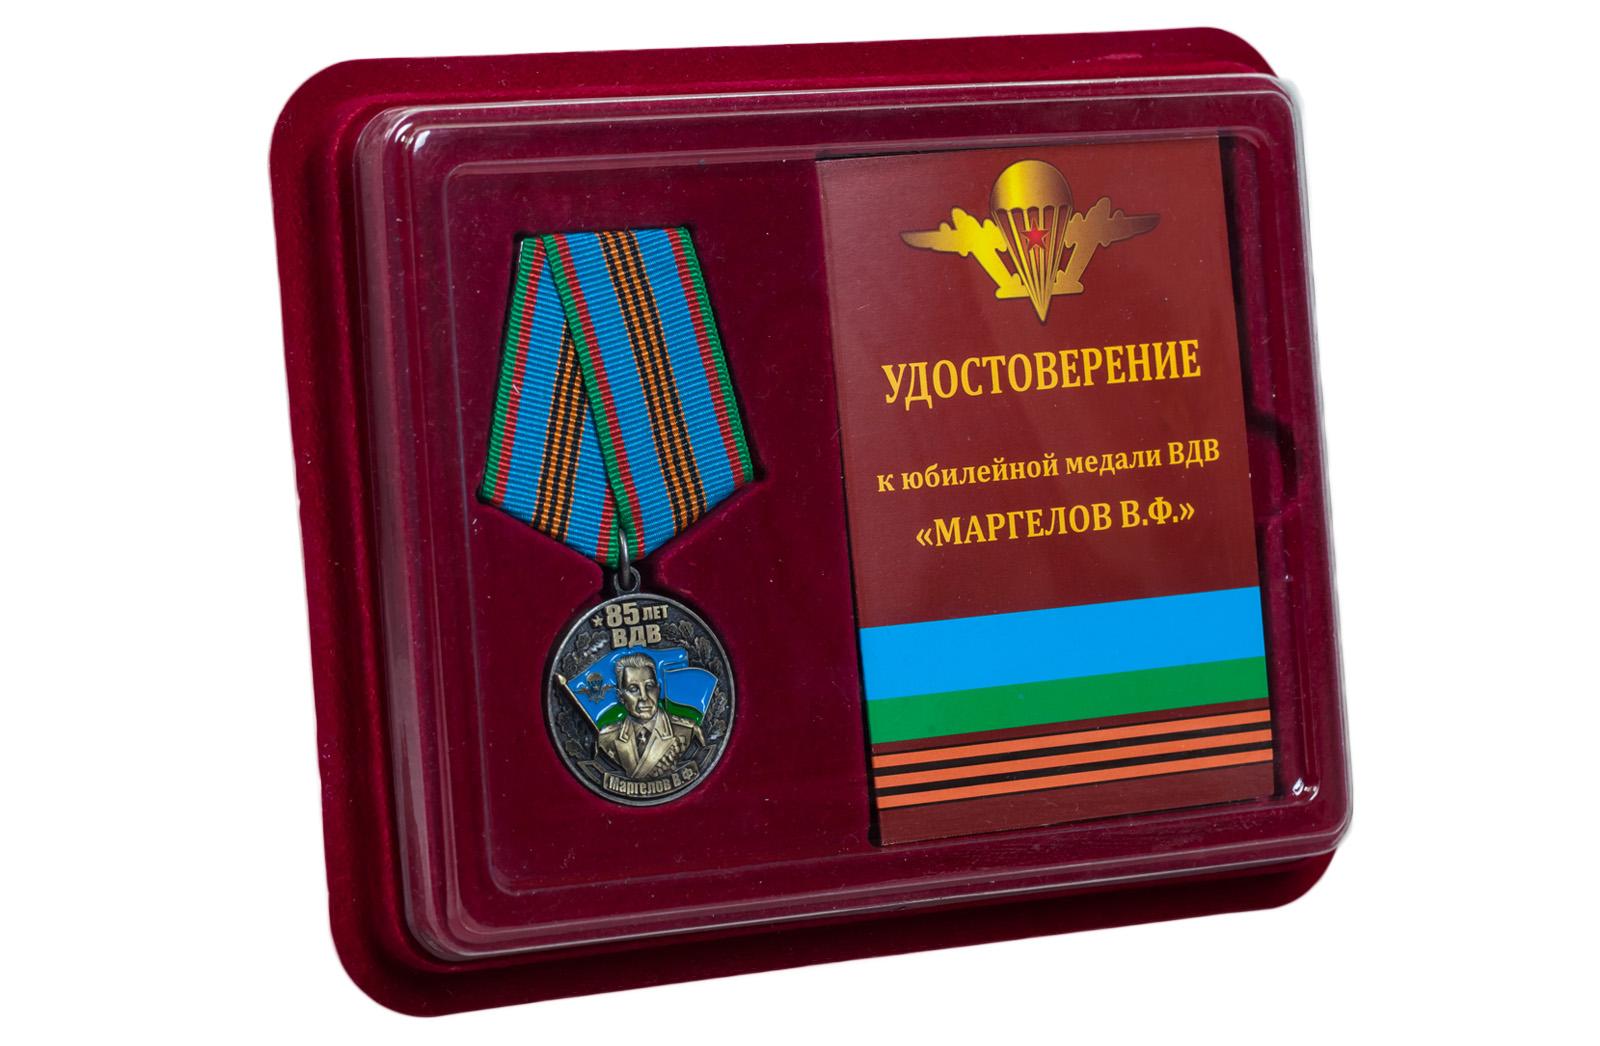 Юбилейная медаль ВДВ с изображением Маргелова в футляре из бордового флока